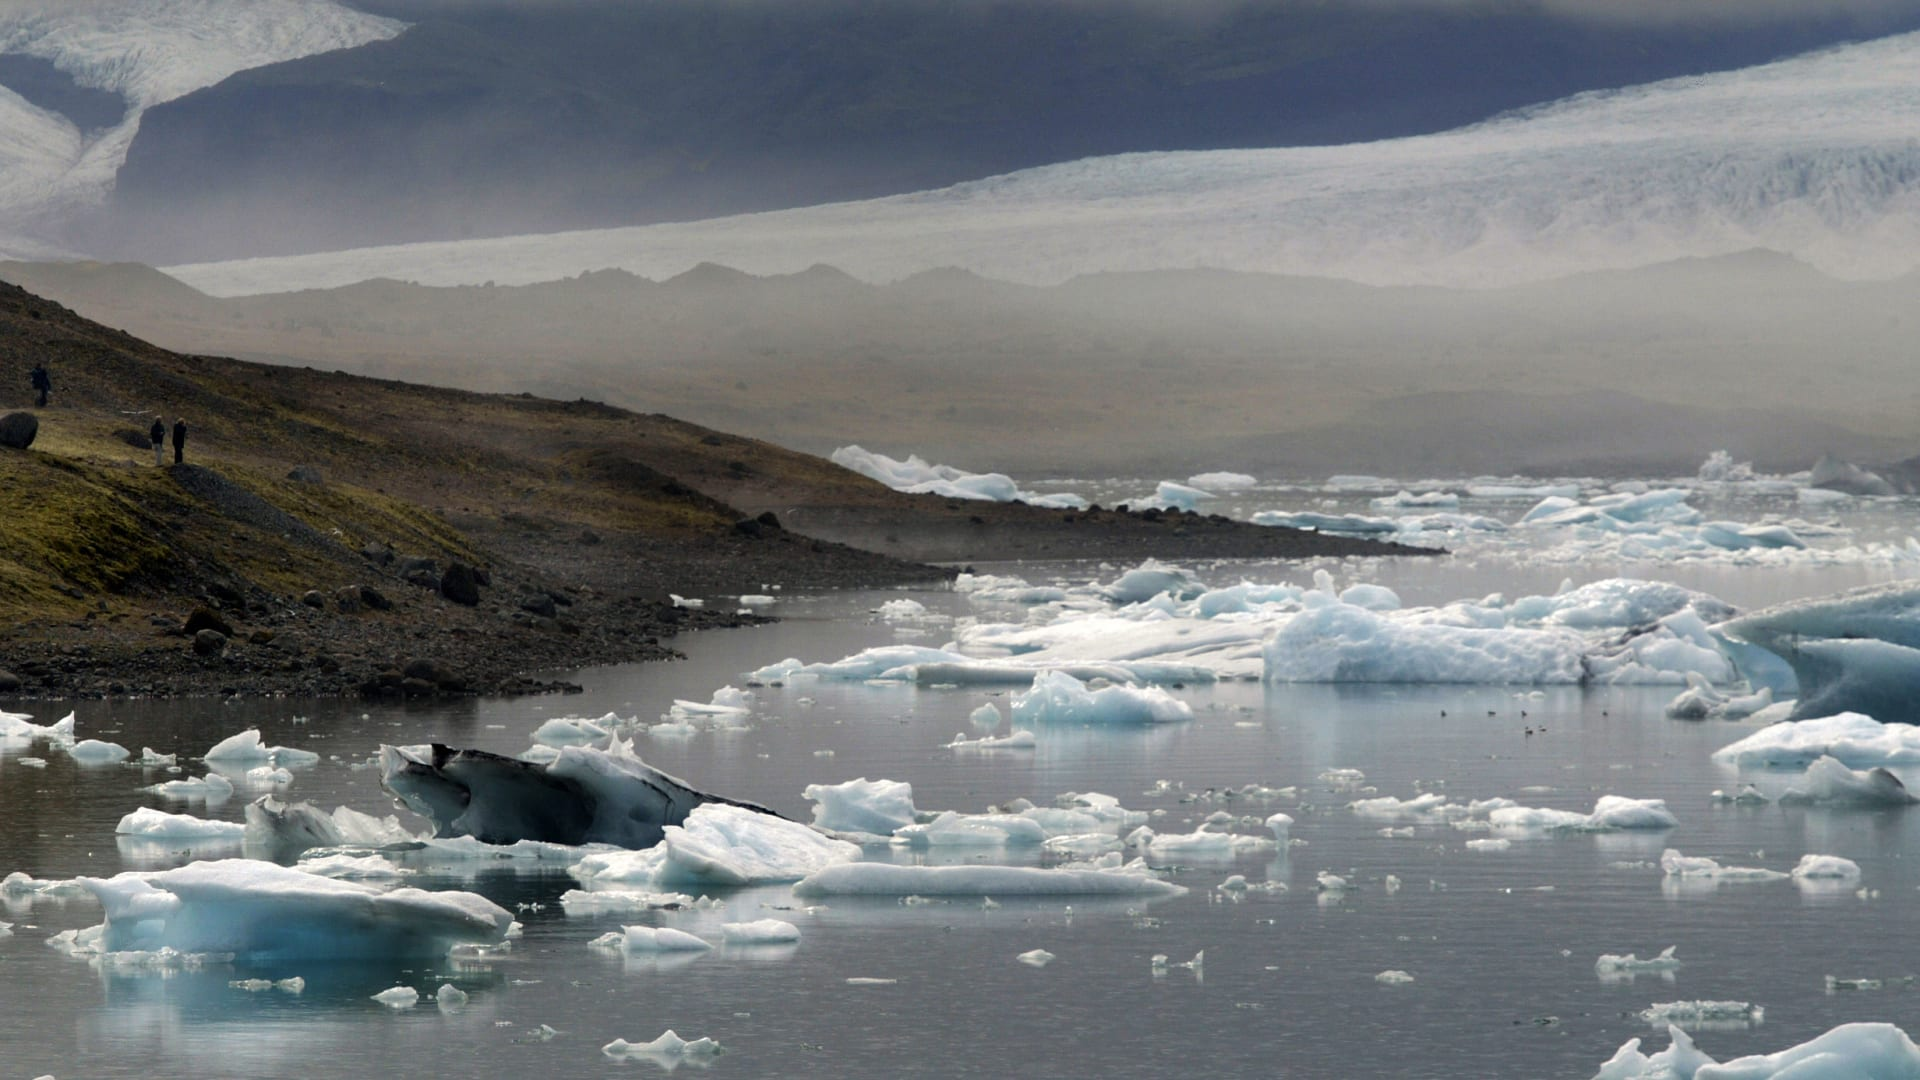 سر جيولوجي جديد؟ قد تكون هناك قارة غارقة تحت أيسلندا